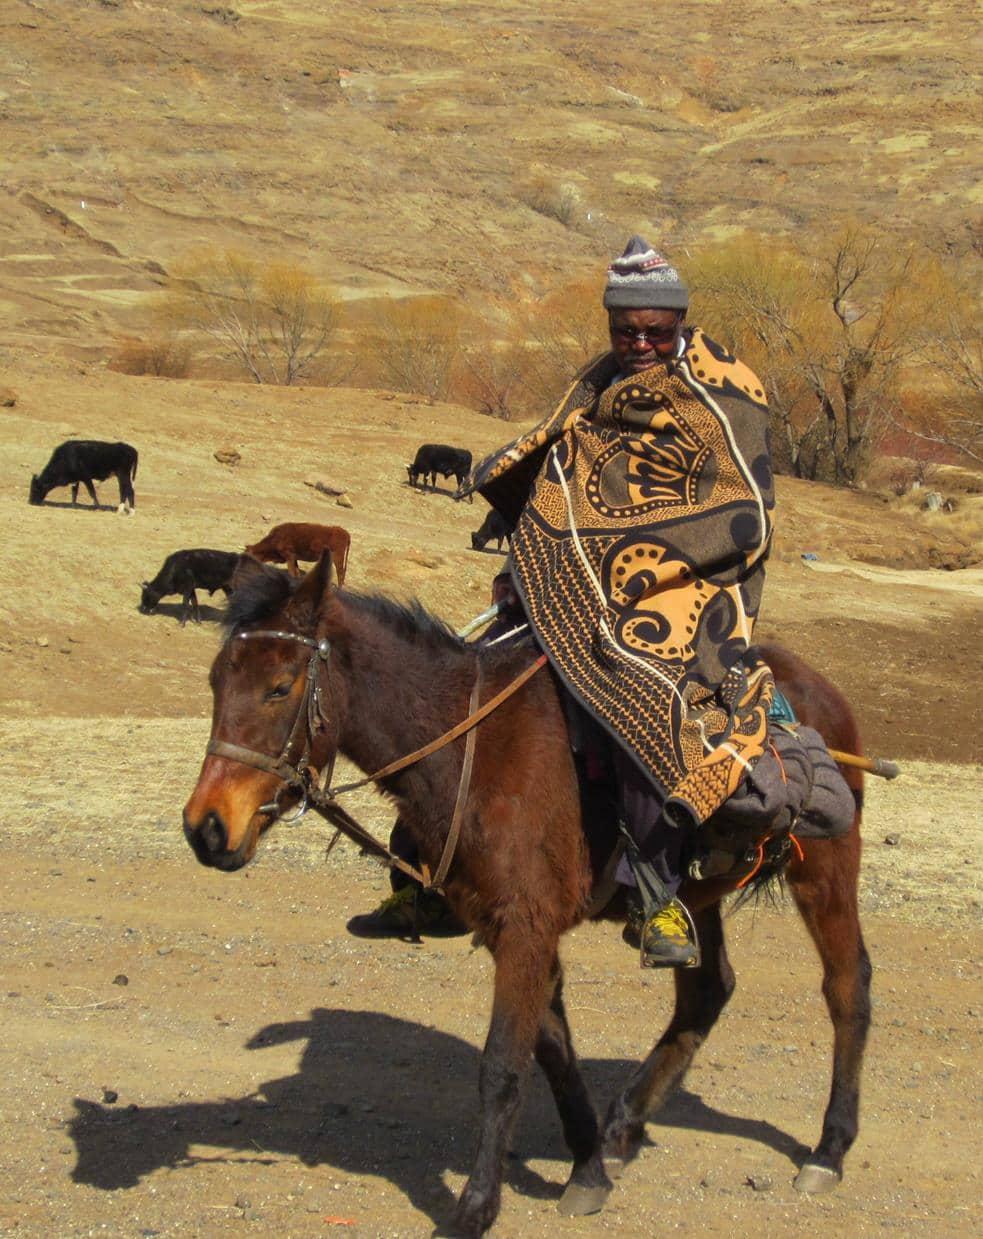 Basotho man on horseback.